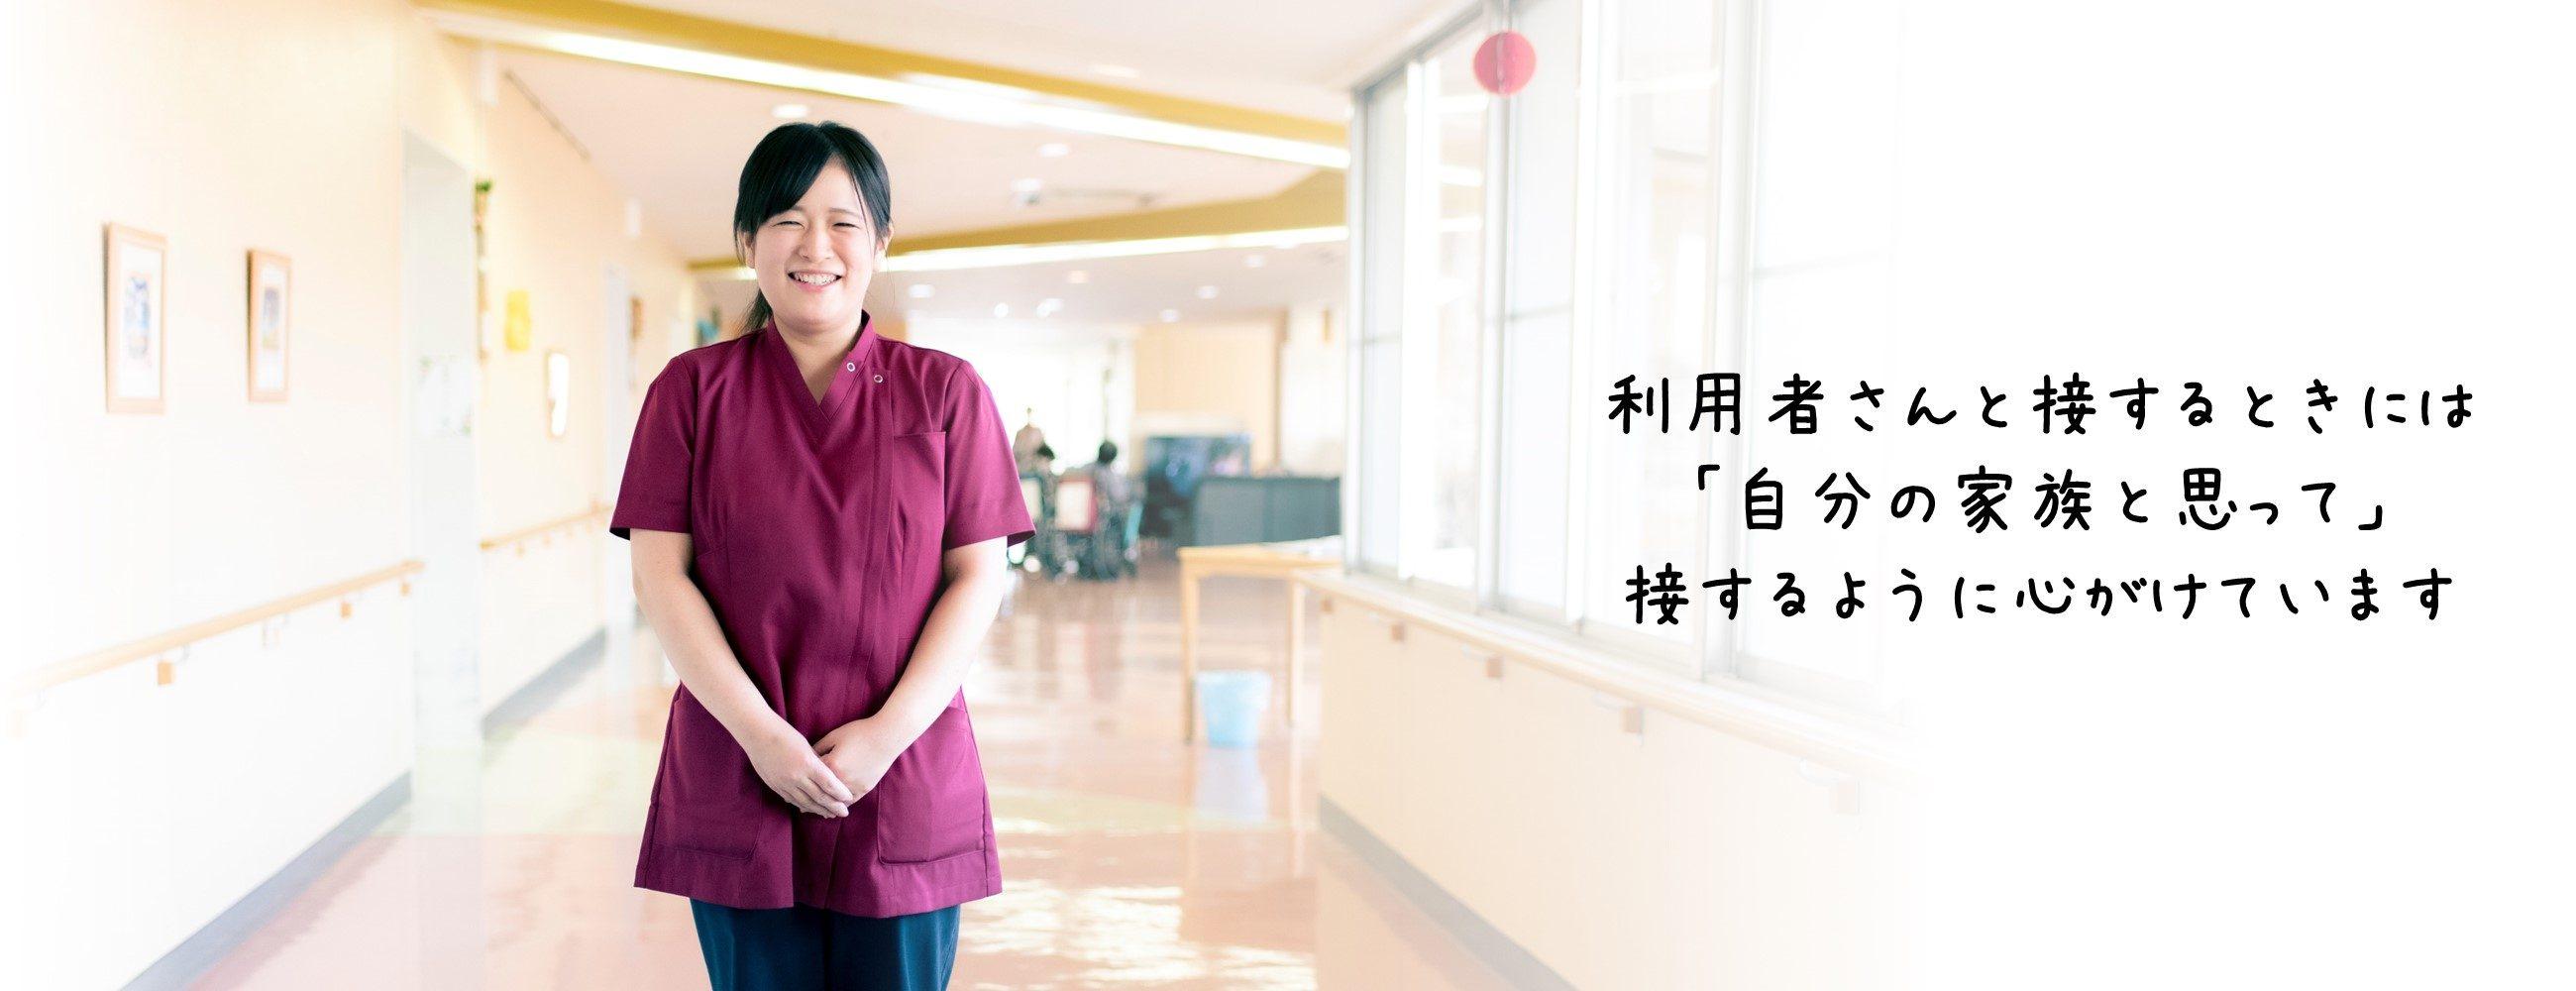 介護職 10年目(介護老人保健施設)